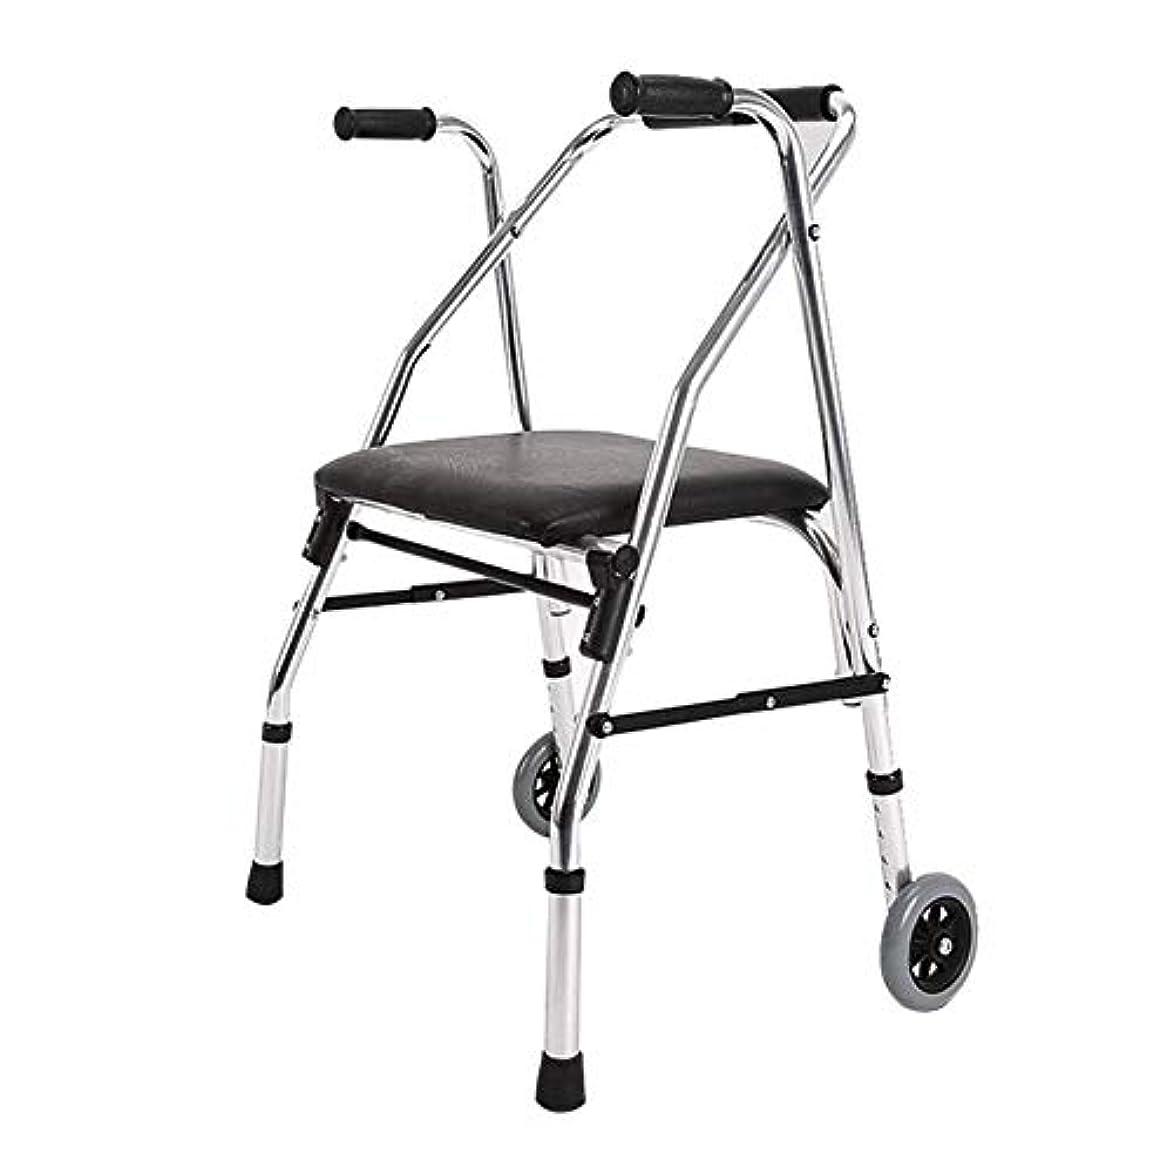 申し立てられたスライムマサッチョ軽量ウォーカー、パッド入りシートとバッグコンパクト折りたたみデザイン高齢者ウォーカー付きアルミニウムローラー